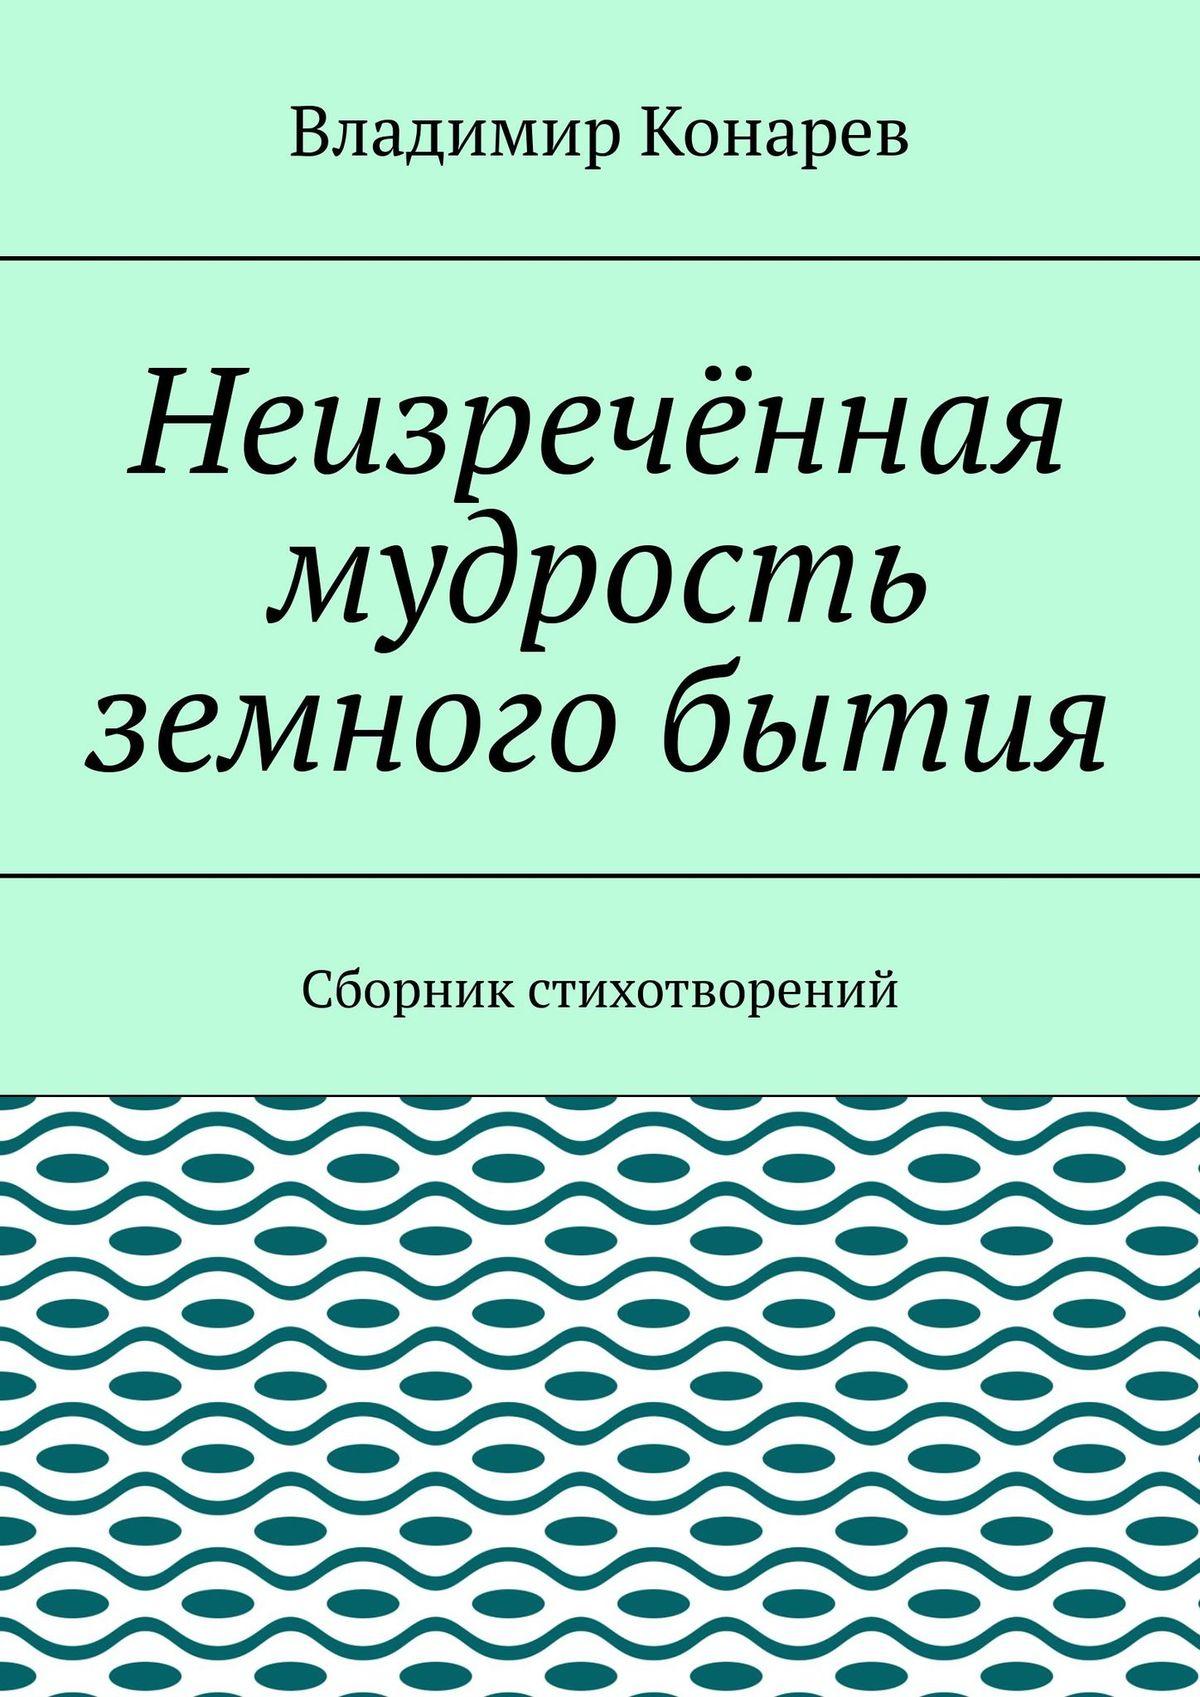 Владимир Иванович Конарев Неизречённая мудрость земного бытия. Сборник стихотворений белые юрты в степи